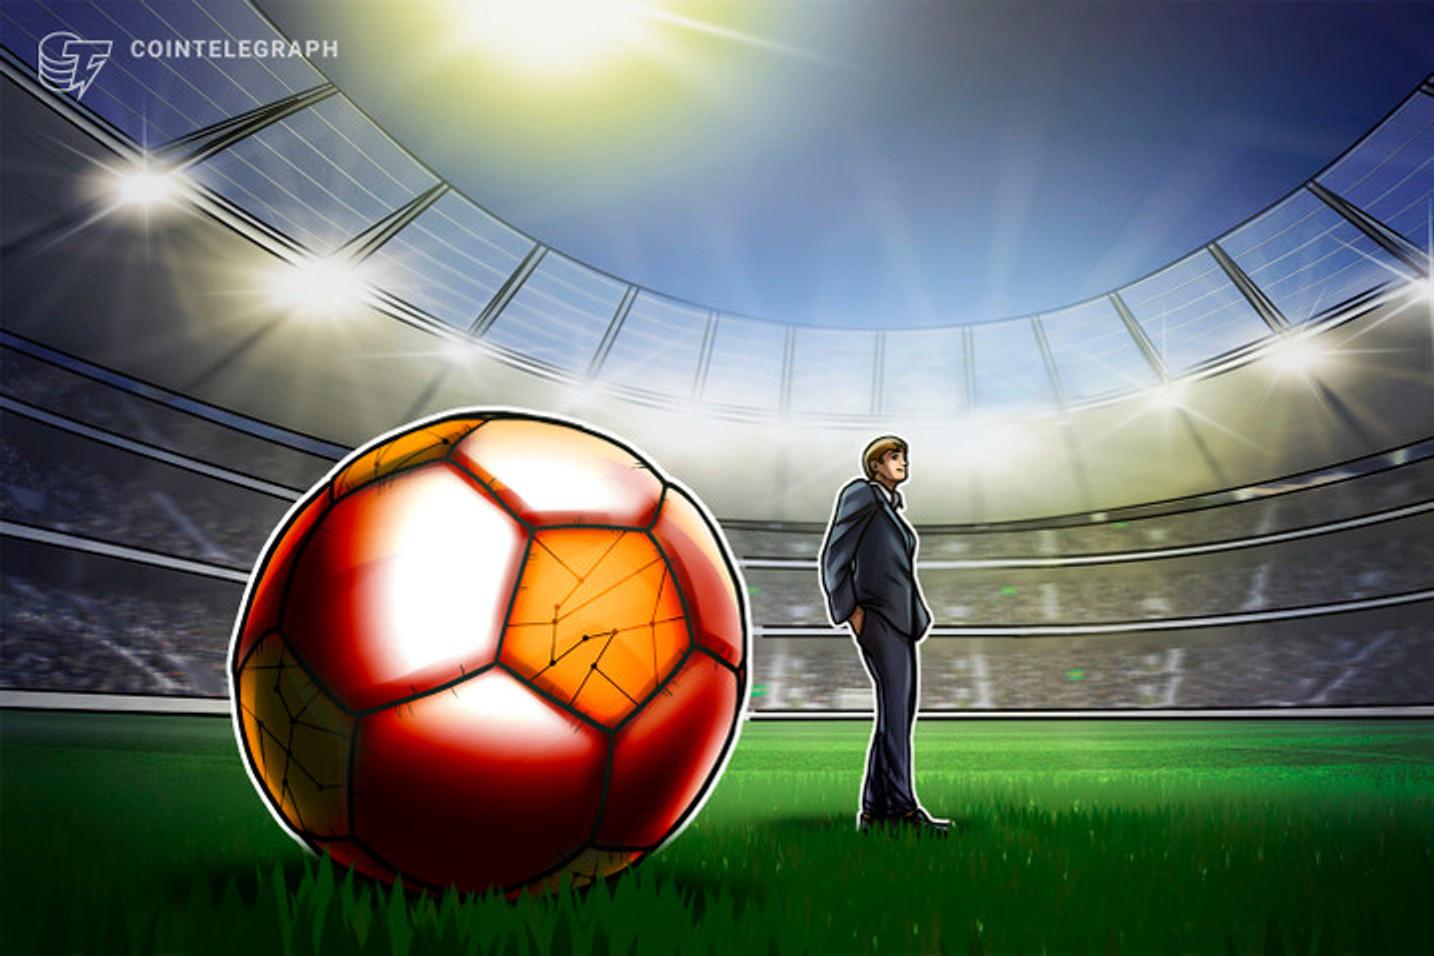 Club de fútbol español Real Betis consigue como patrocinador a una compañía turca de tecnología blockchain